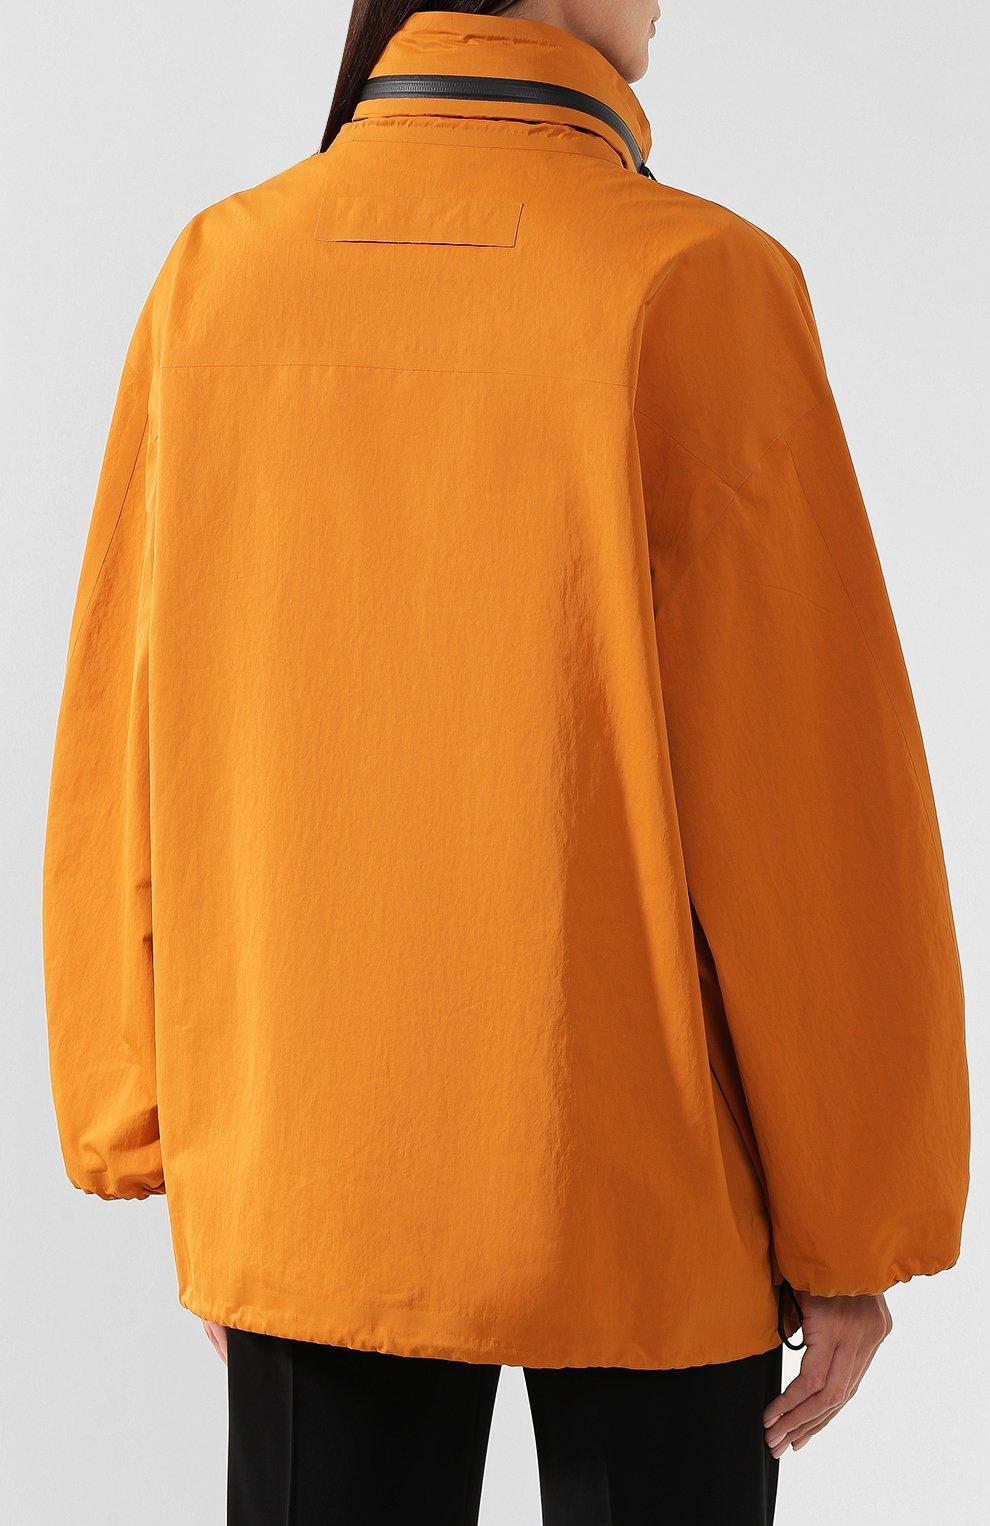 Женская куртка BOTTEGA VENETA оранжевого цвета, арт. 573035/VF4K0   Фото 4